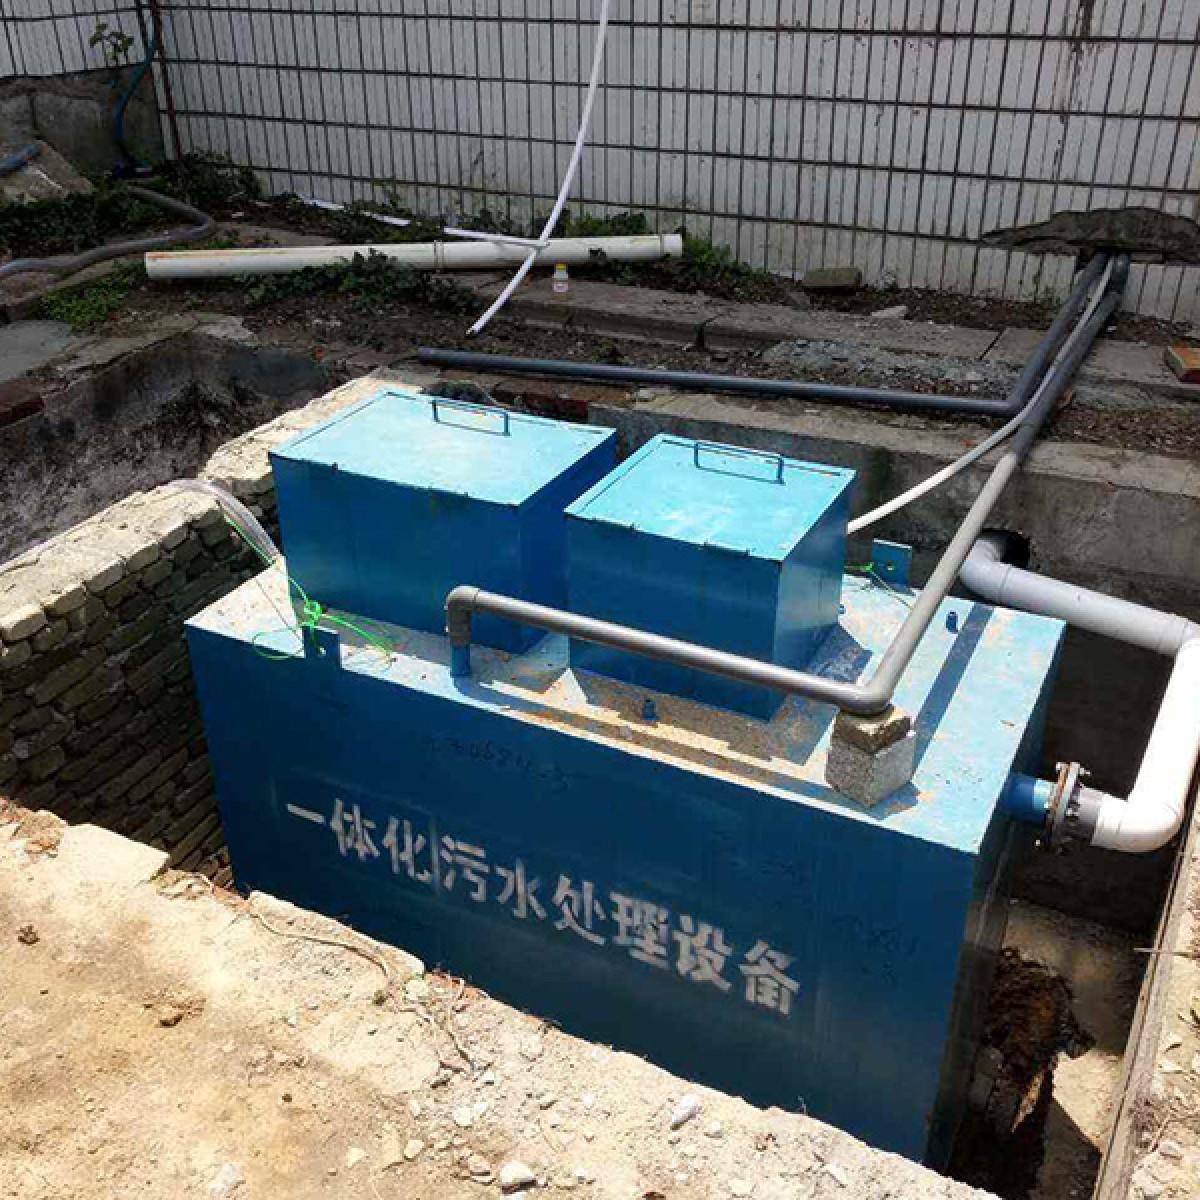 专业污水处理设备厂家_污水处理成套设备供应-甘肃省绿创环保科技有限责任公司